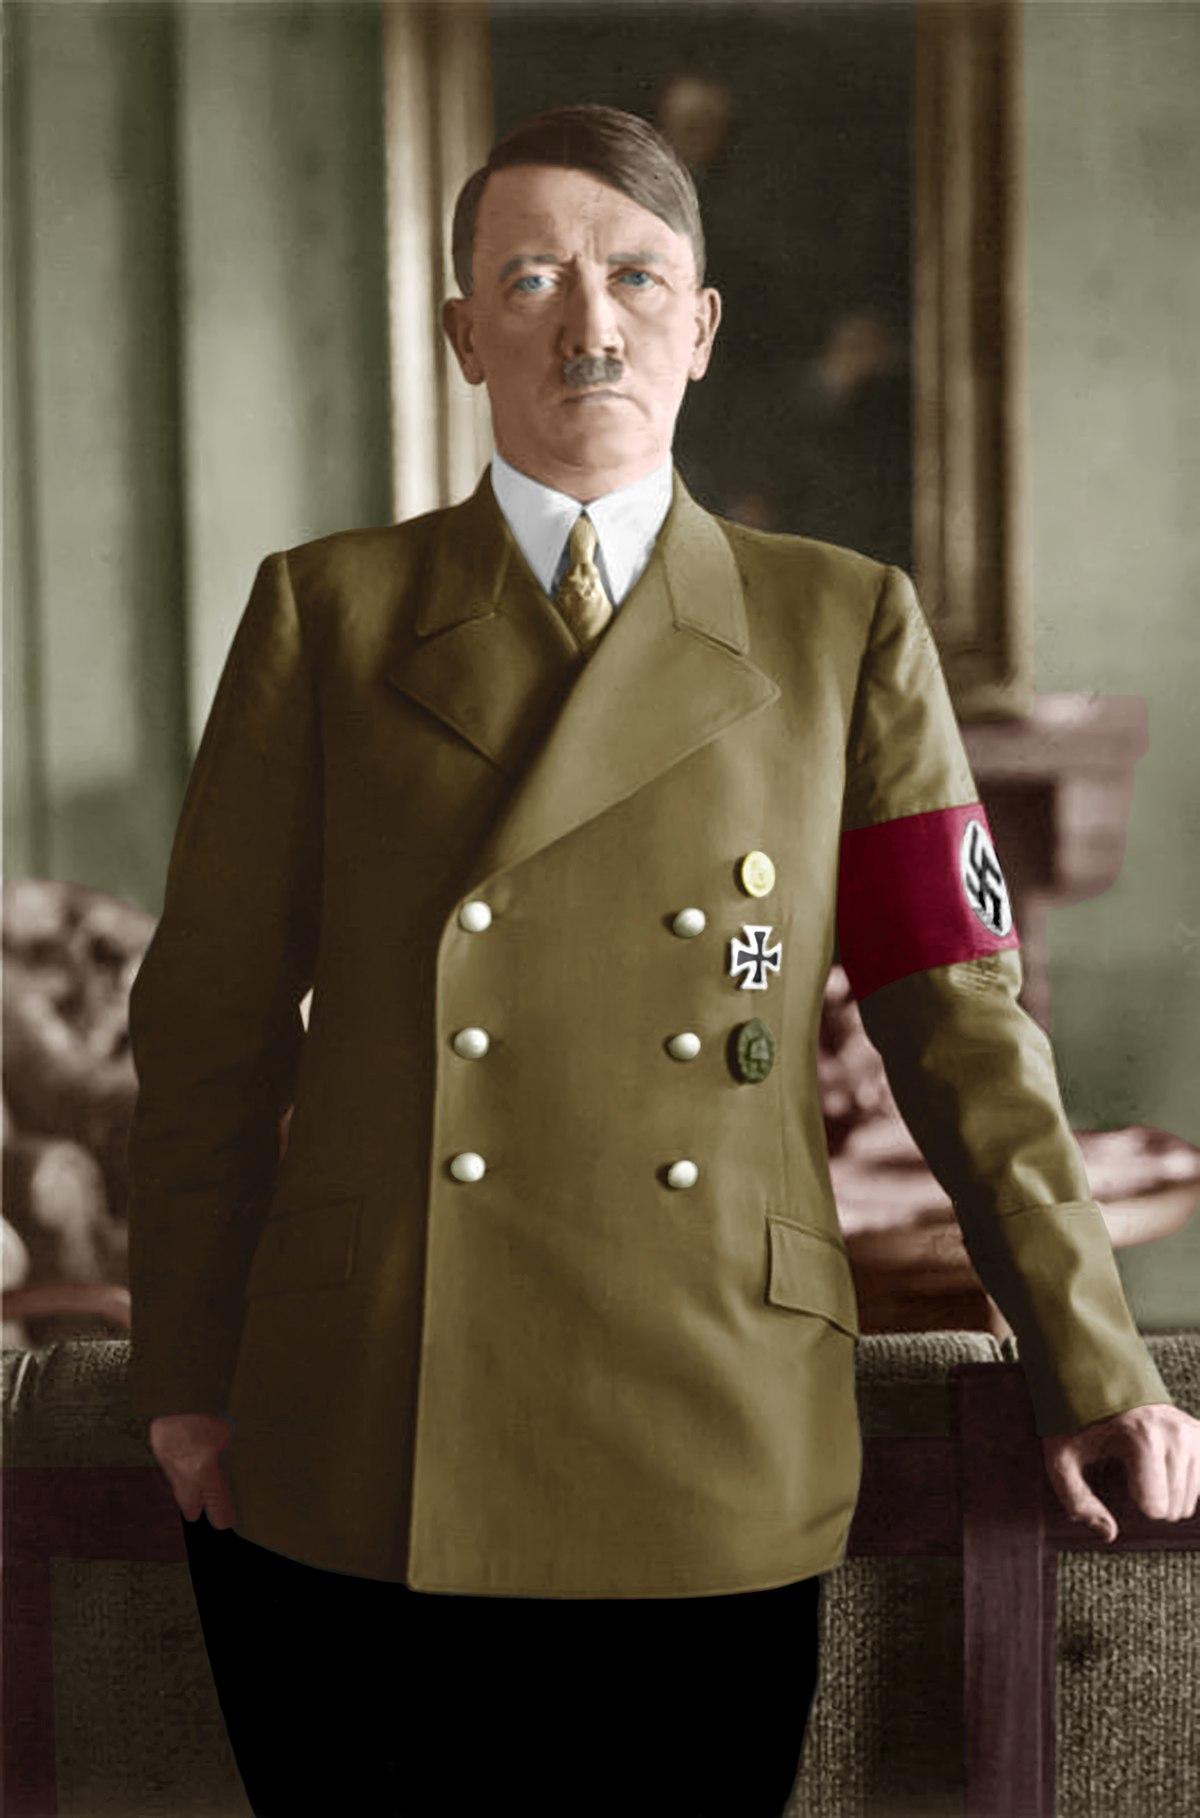 德国纳粹_阿道夫·希特勒 - 维基百科,自由的百科全书